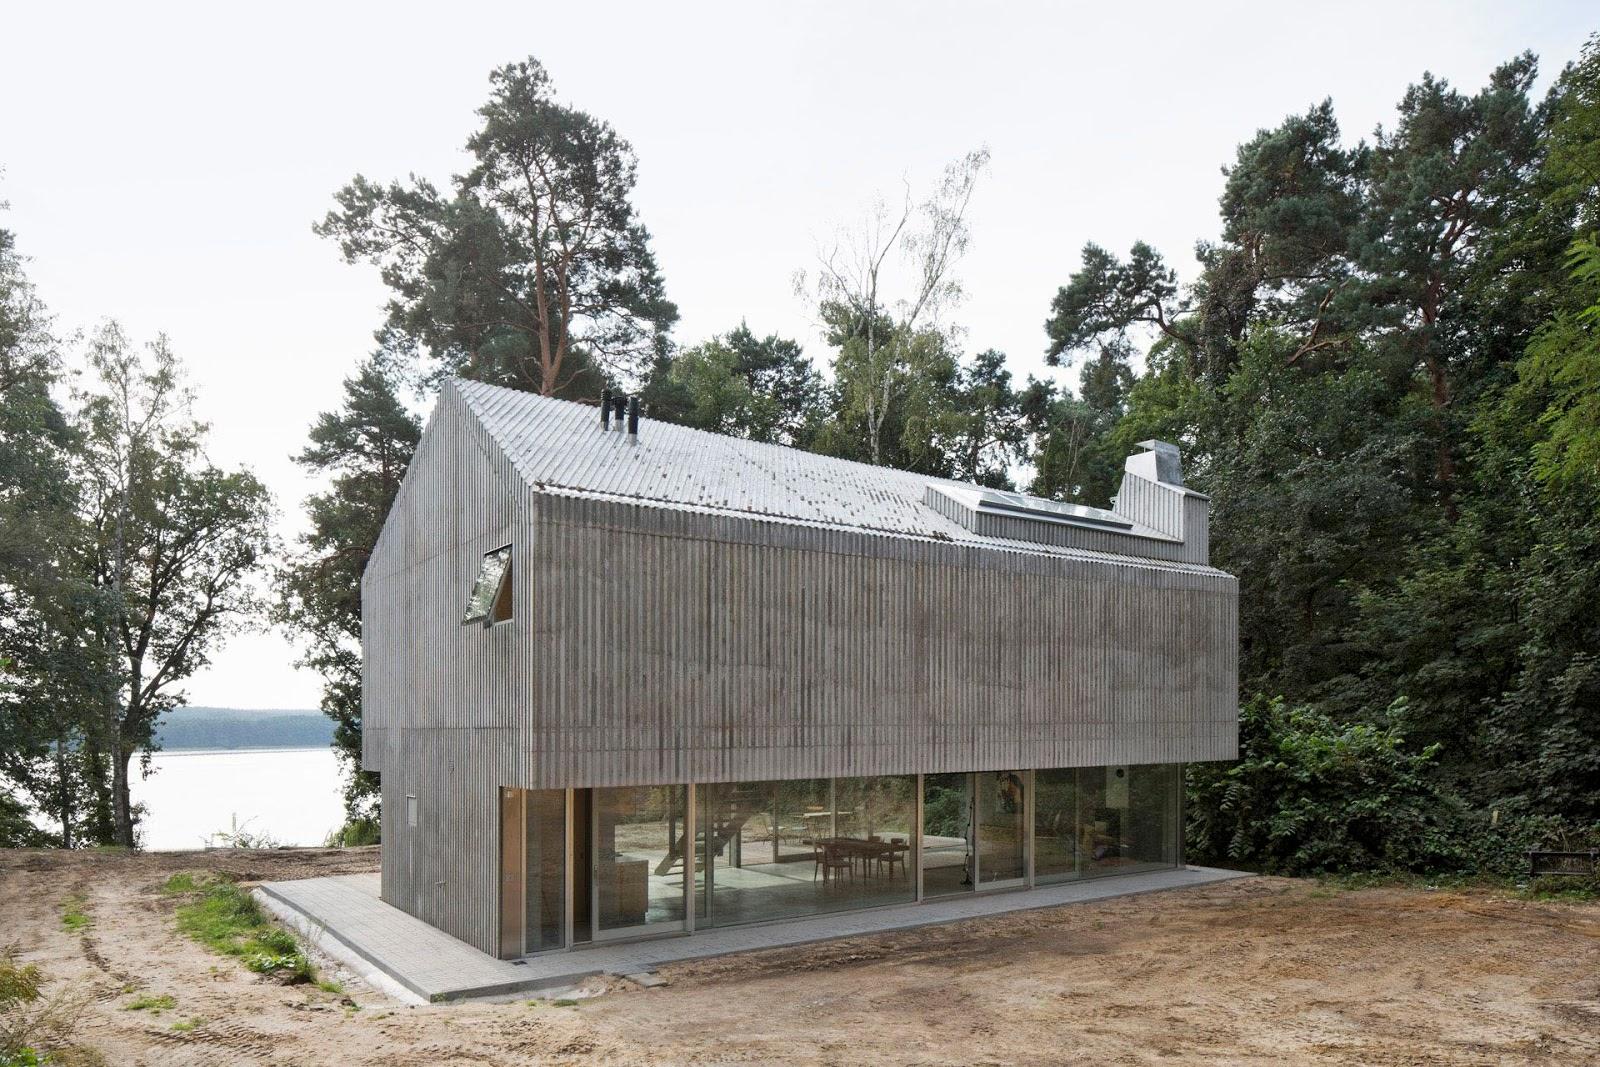 Beach House / Augustin Und Frank Architekten